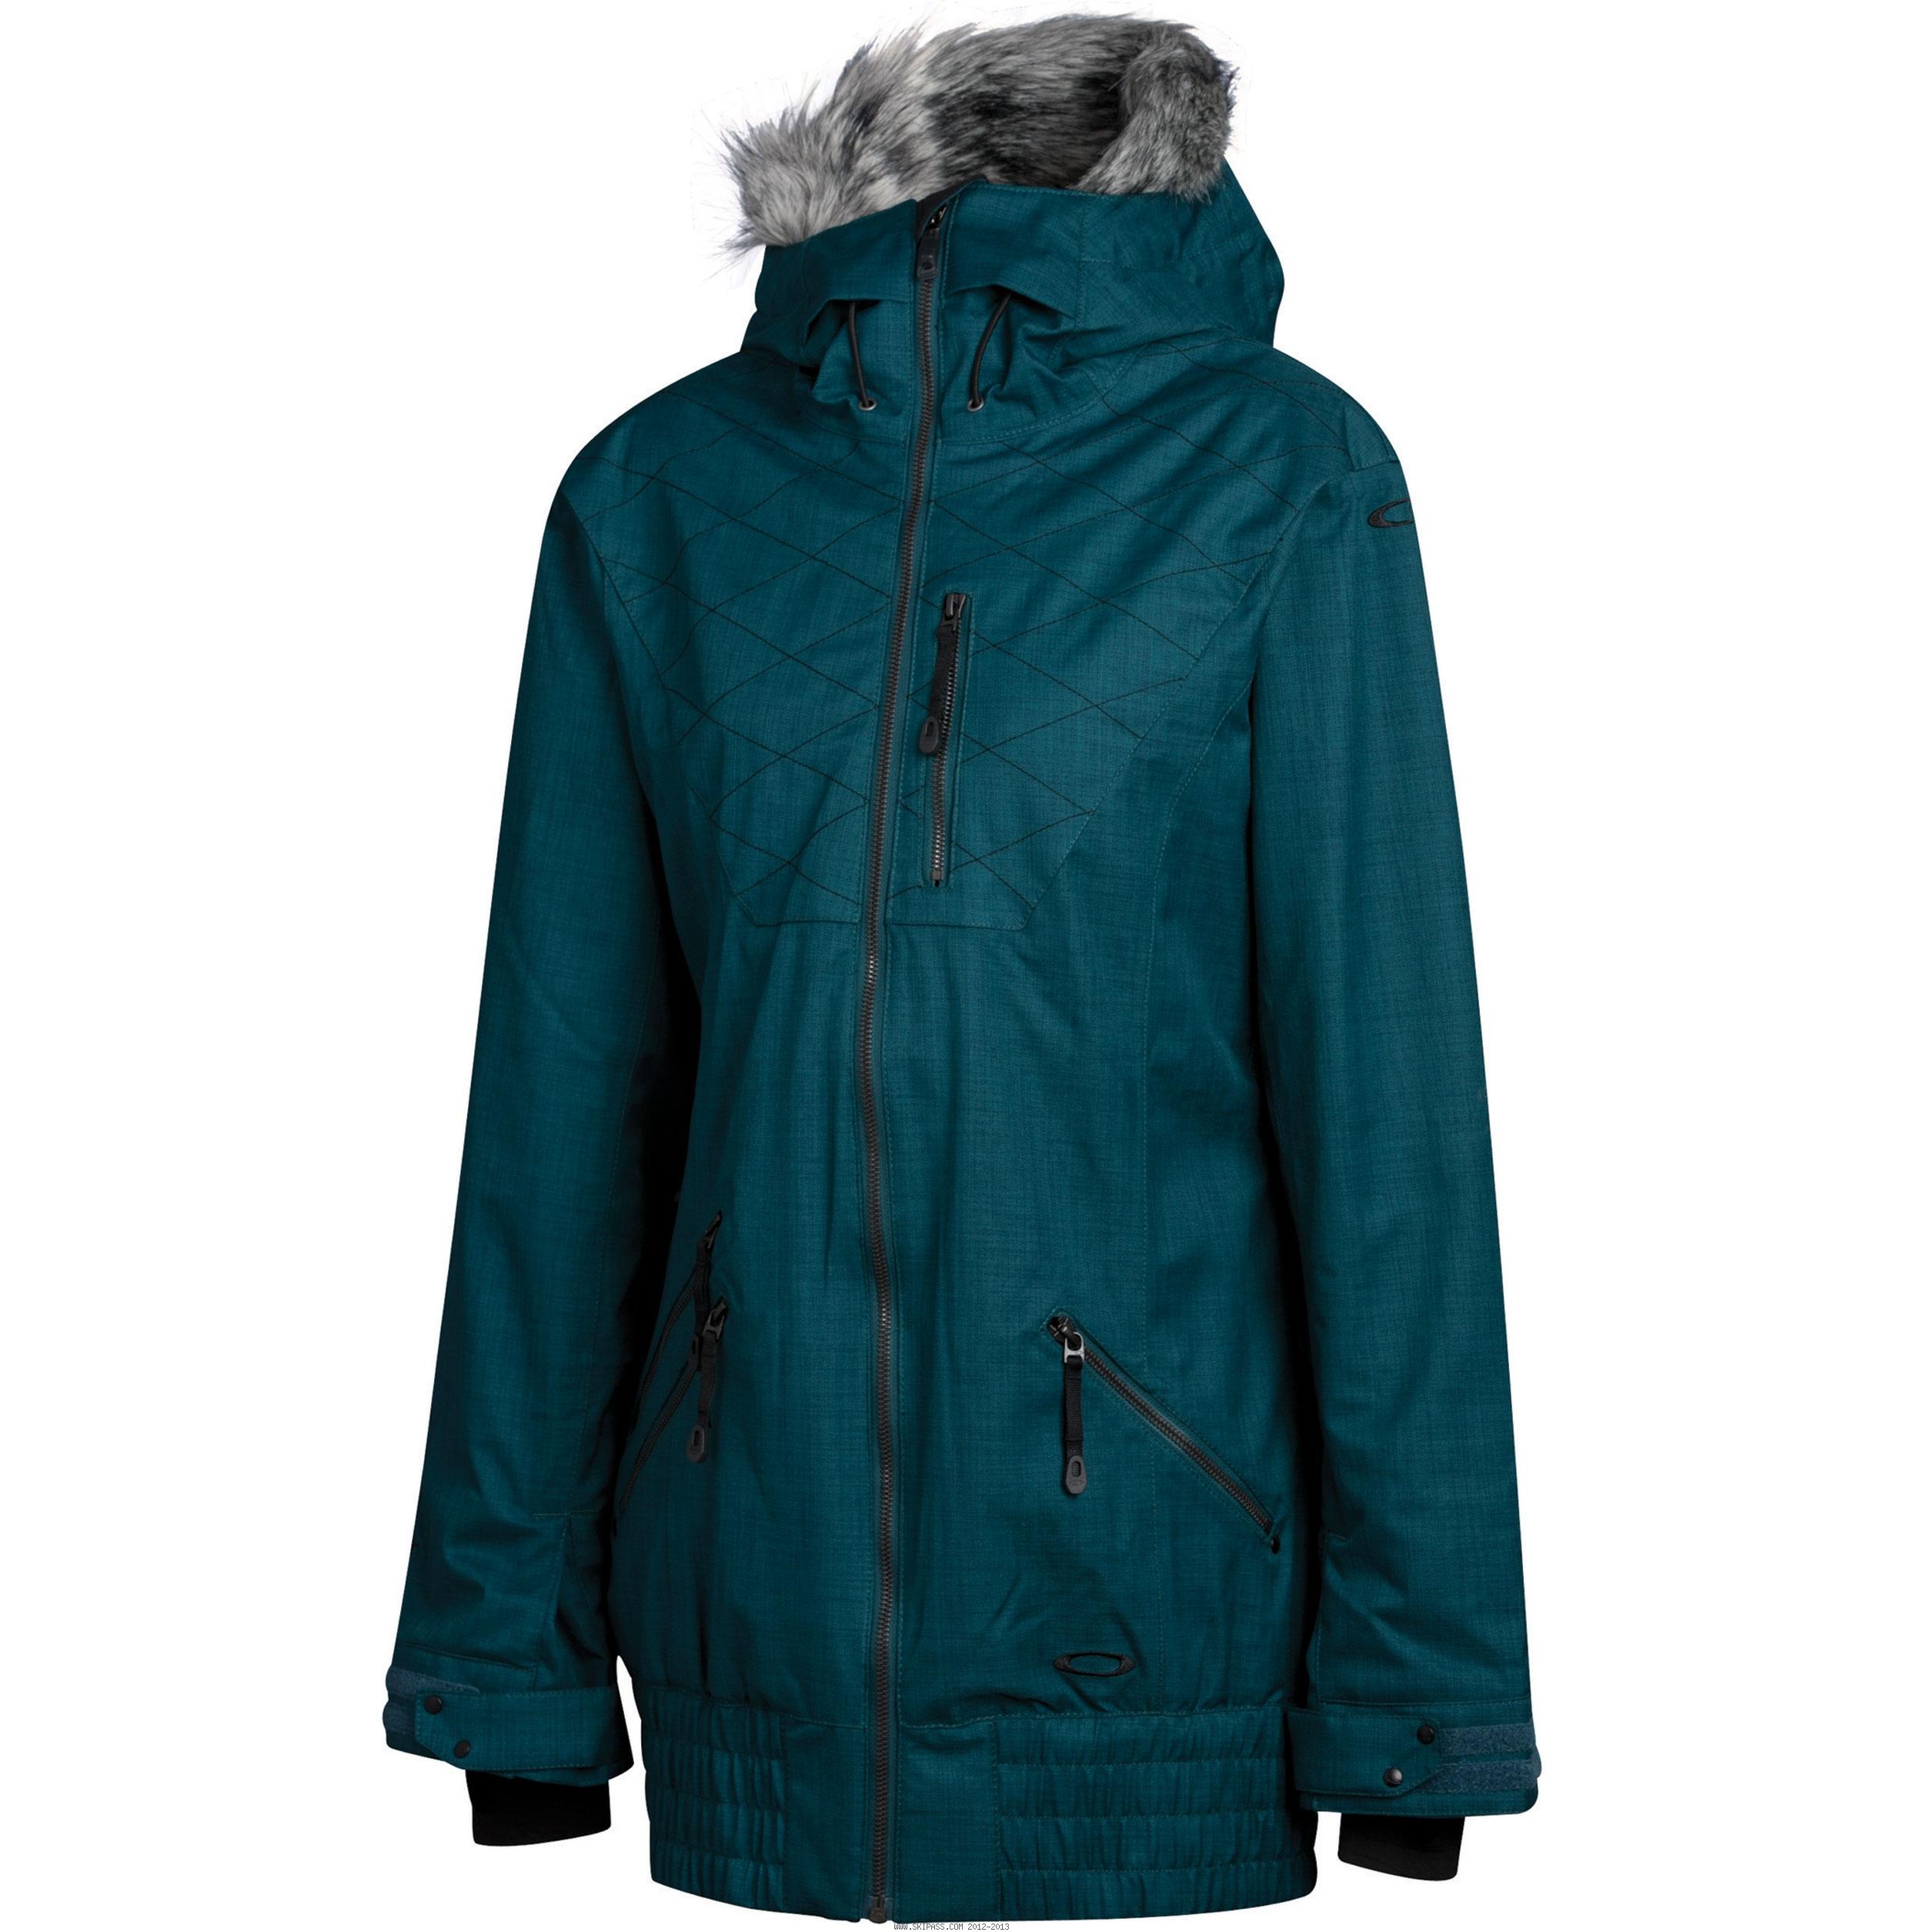 Oakley womens ski jacket